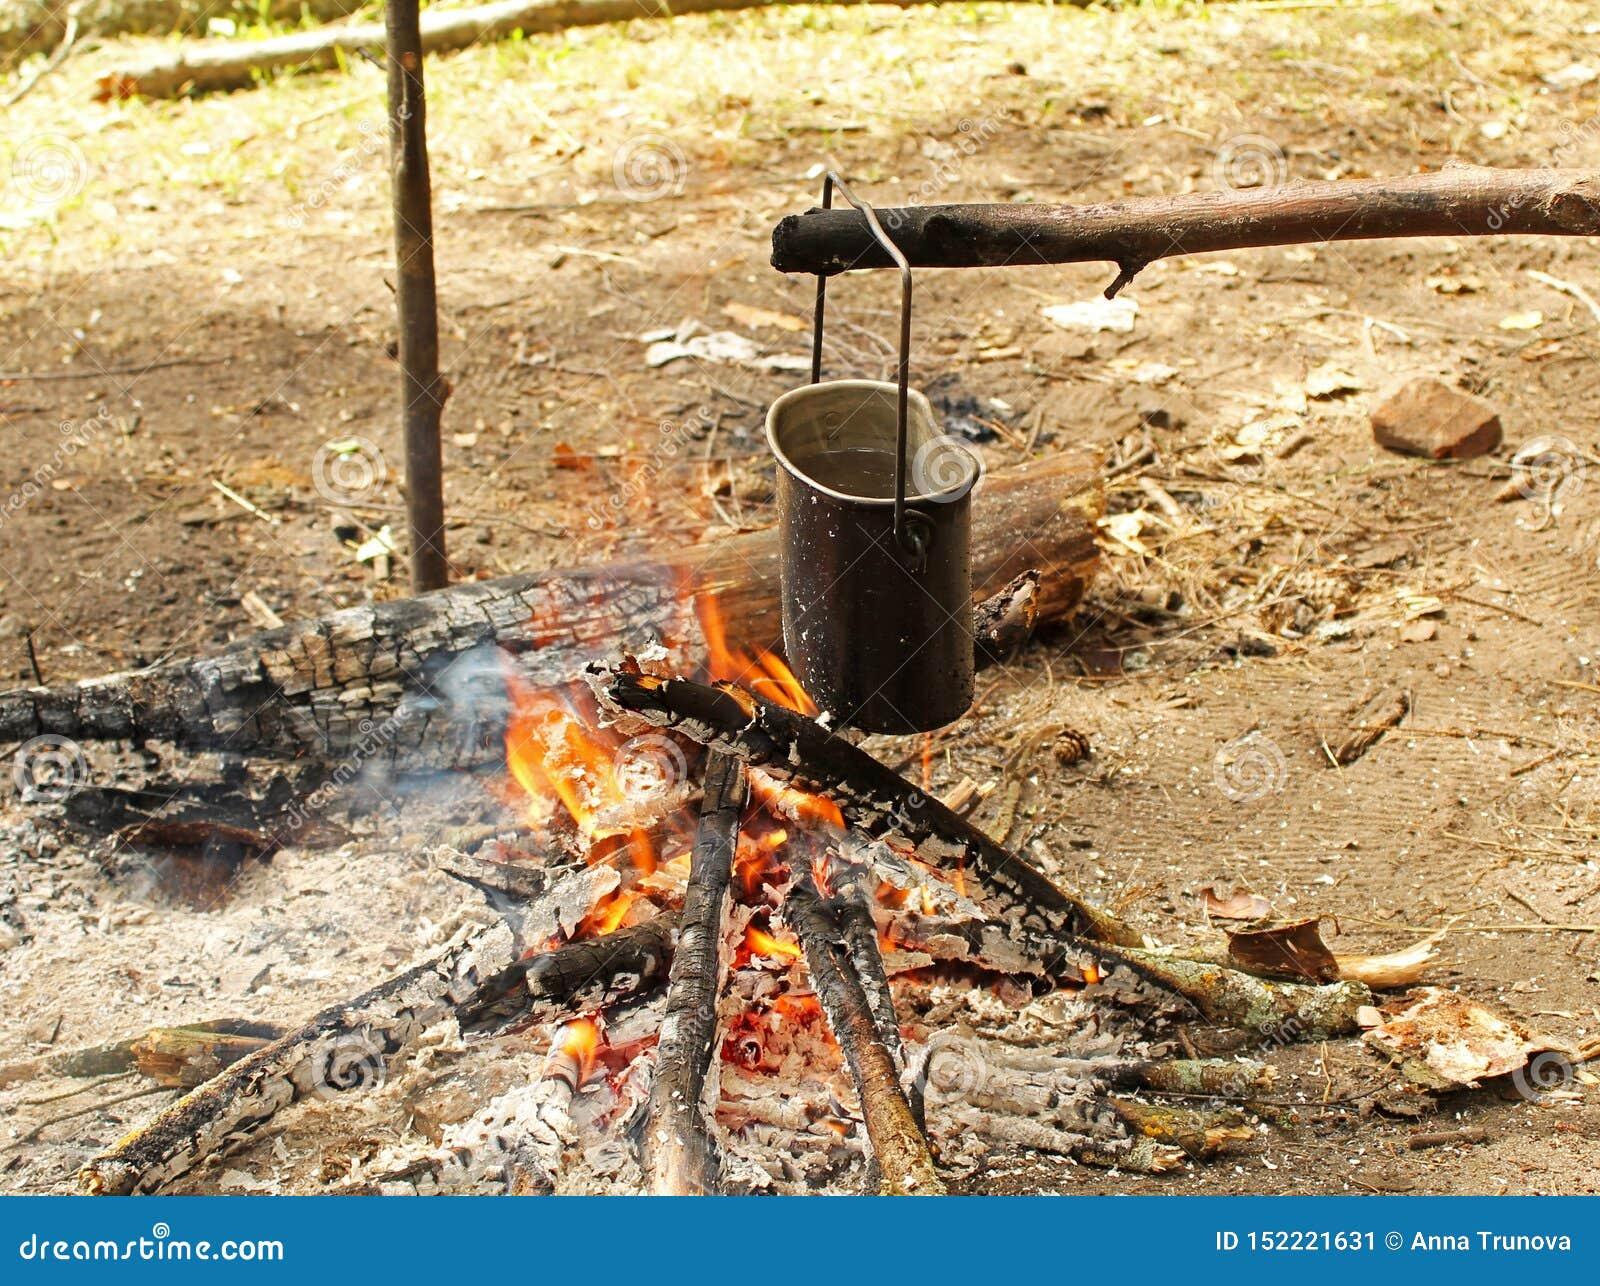 El agua en un pote de campo hierve sobre un fuego en un campo del bosque en verano